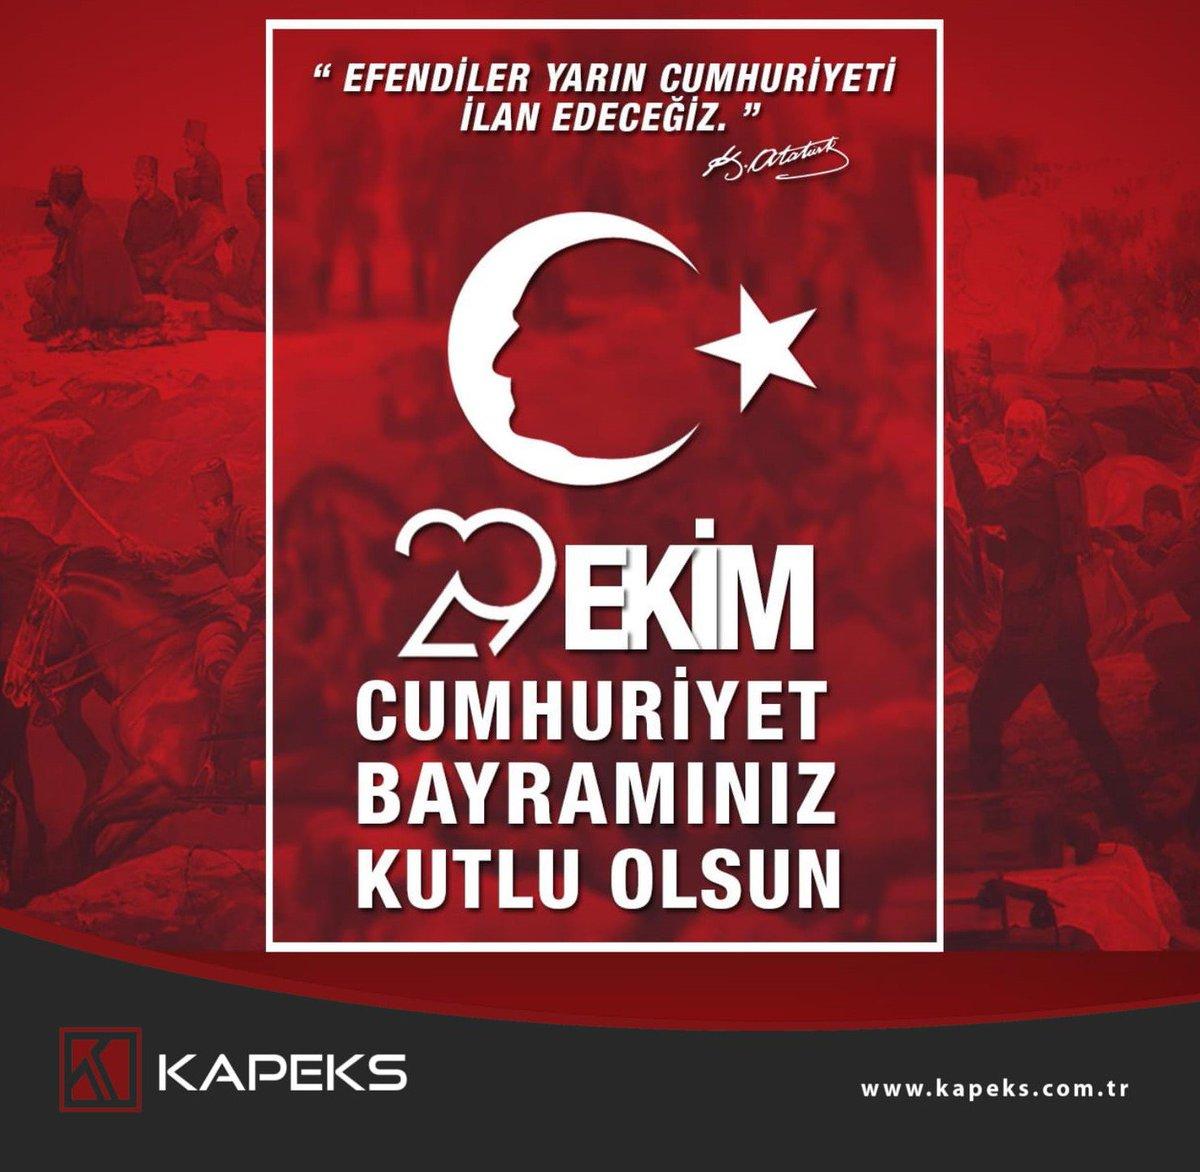 Ey yükselen yeni nesil! İstikbal sizsiniz. Cumhuriyeti biz kurduk, onu yükseltecek ve yaşatacak sizsiniz. Mustafa Kemal Atatürk